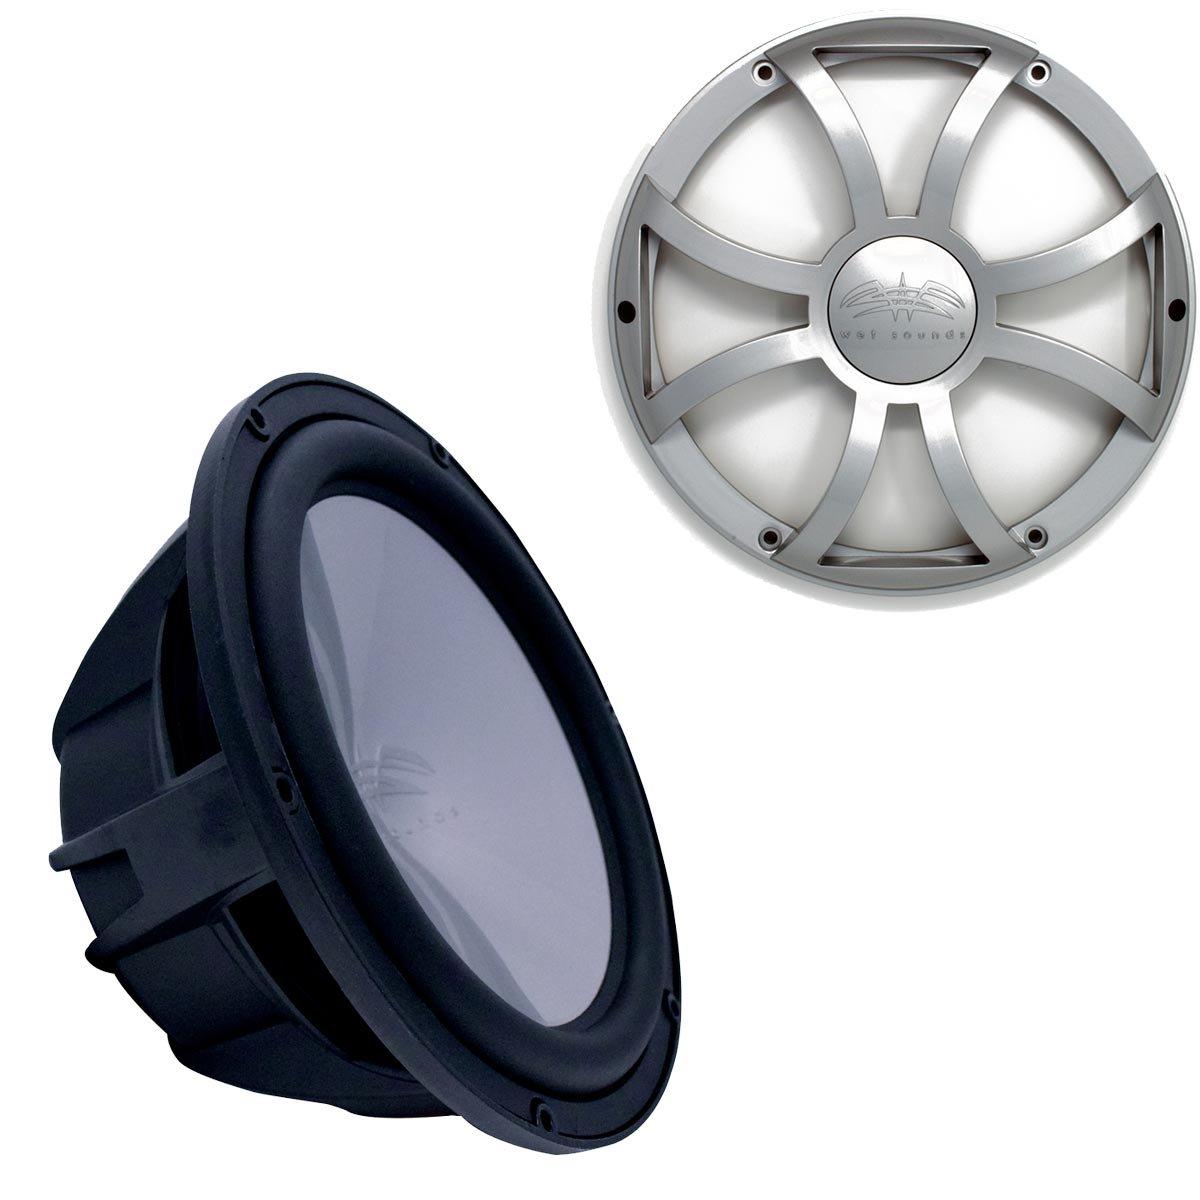 Wet Sounds REVO10HPS4 B Power Subwoofer